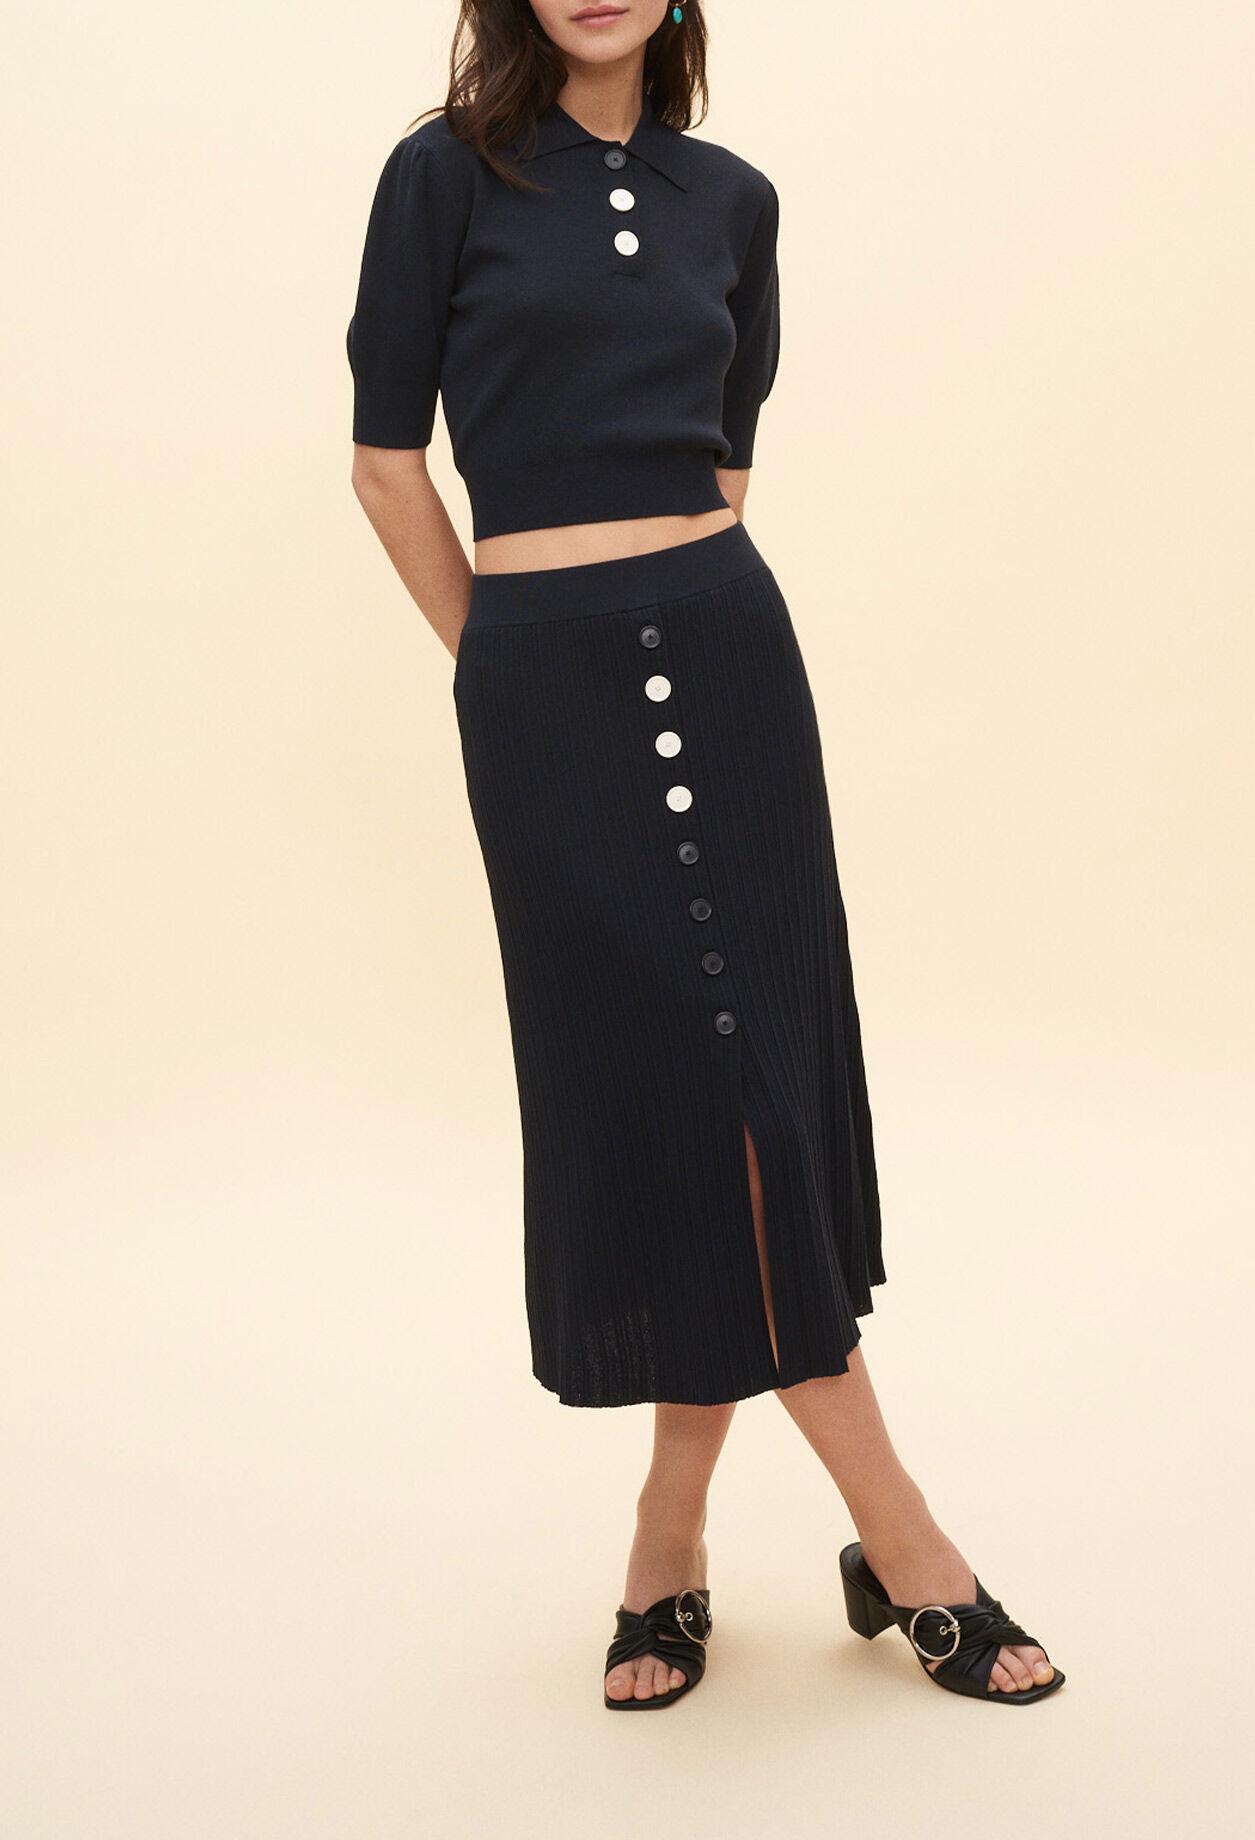 Jupes & shorts femme : jupe imprimée, retro | Claudie Pierlot